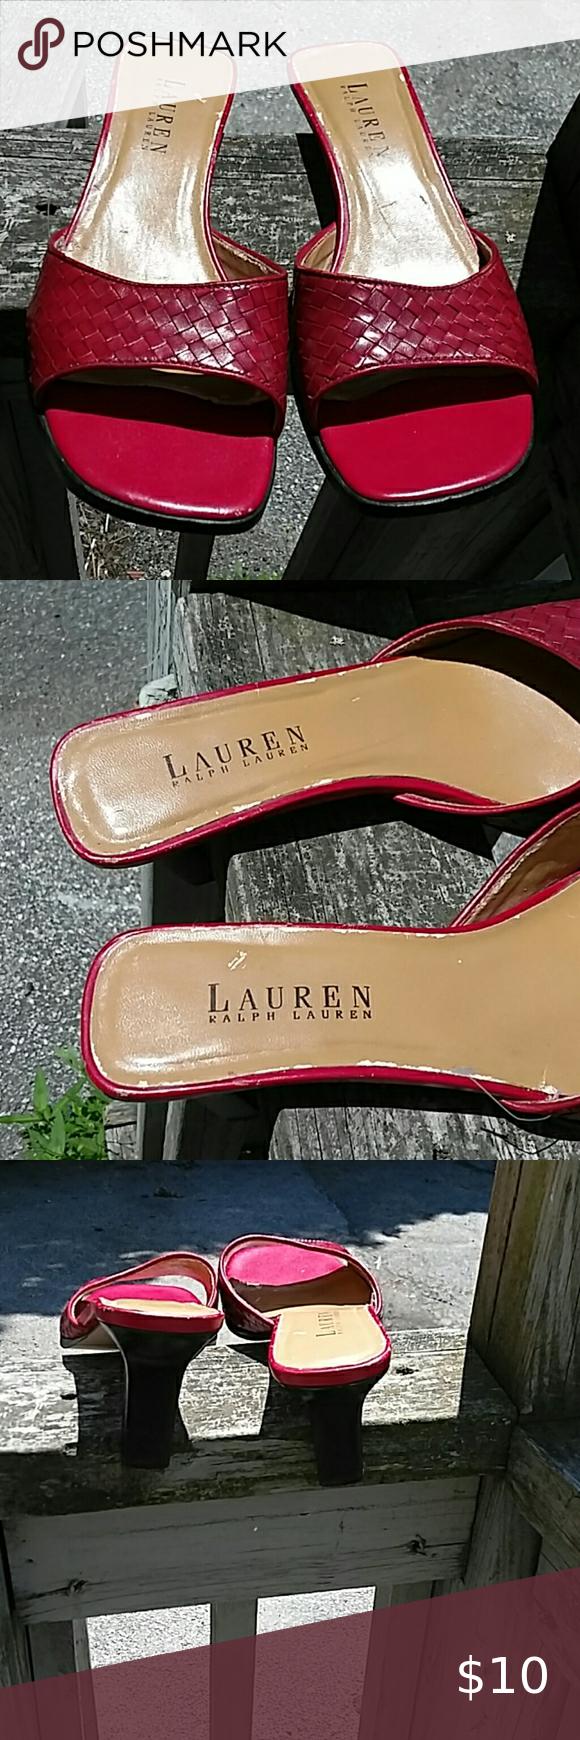 Lauren Ralph Lauren Shoes Size 10 Gold Metallic Synthetic